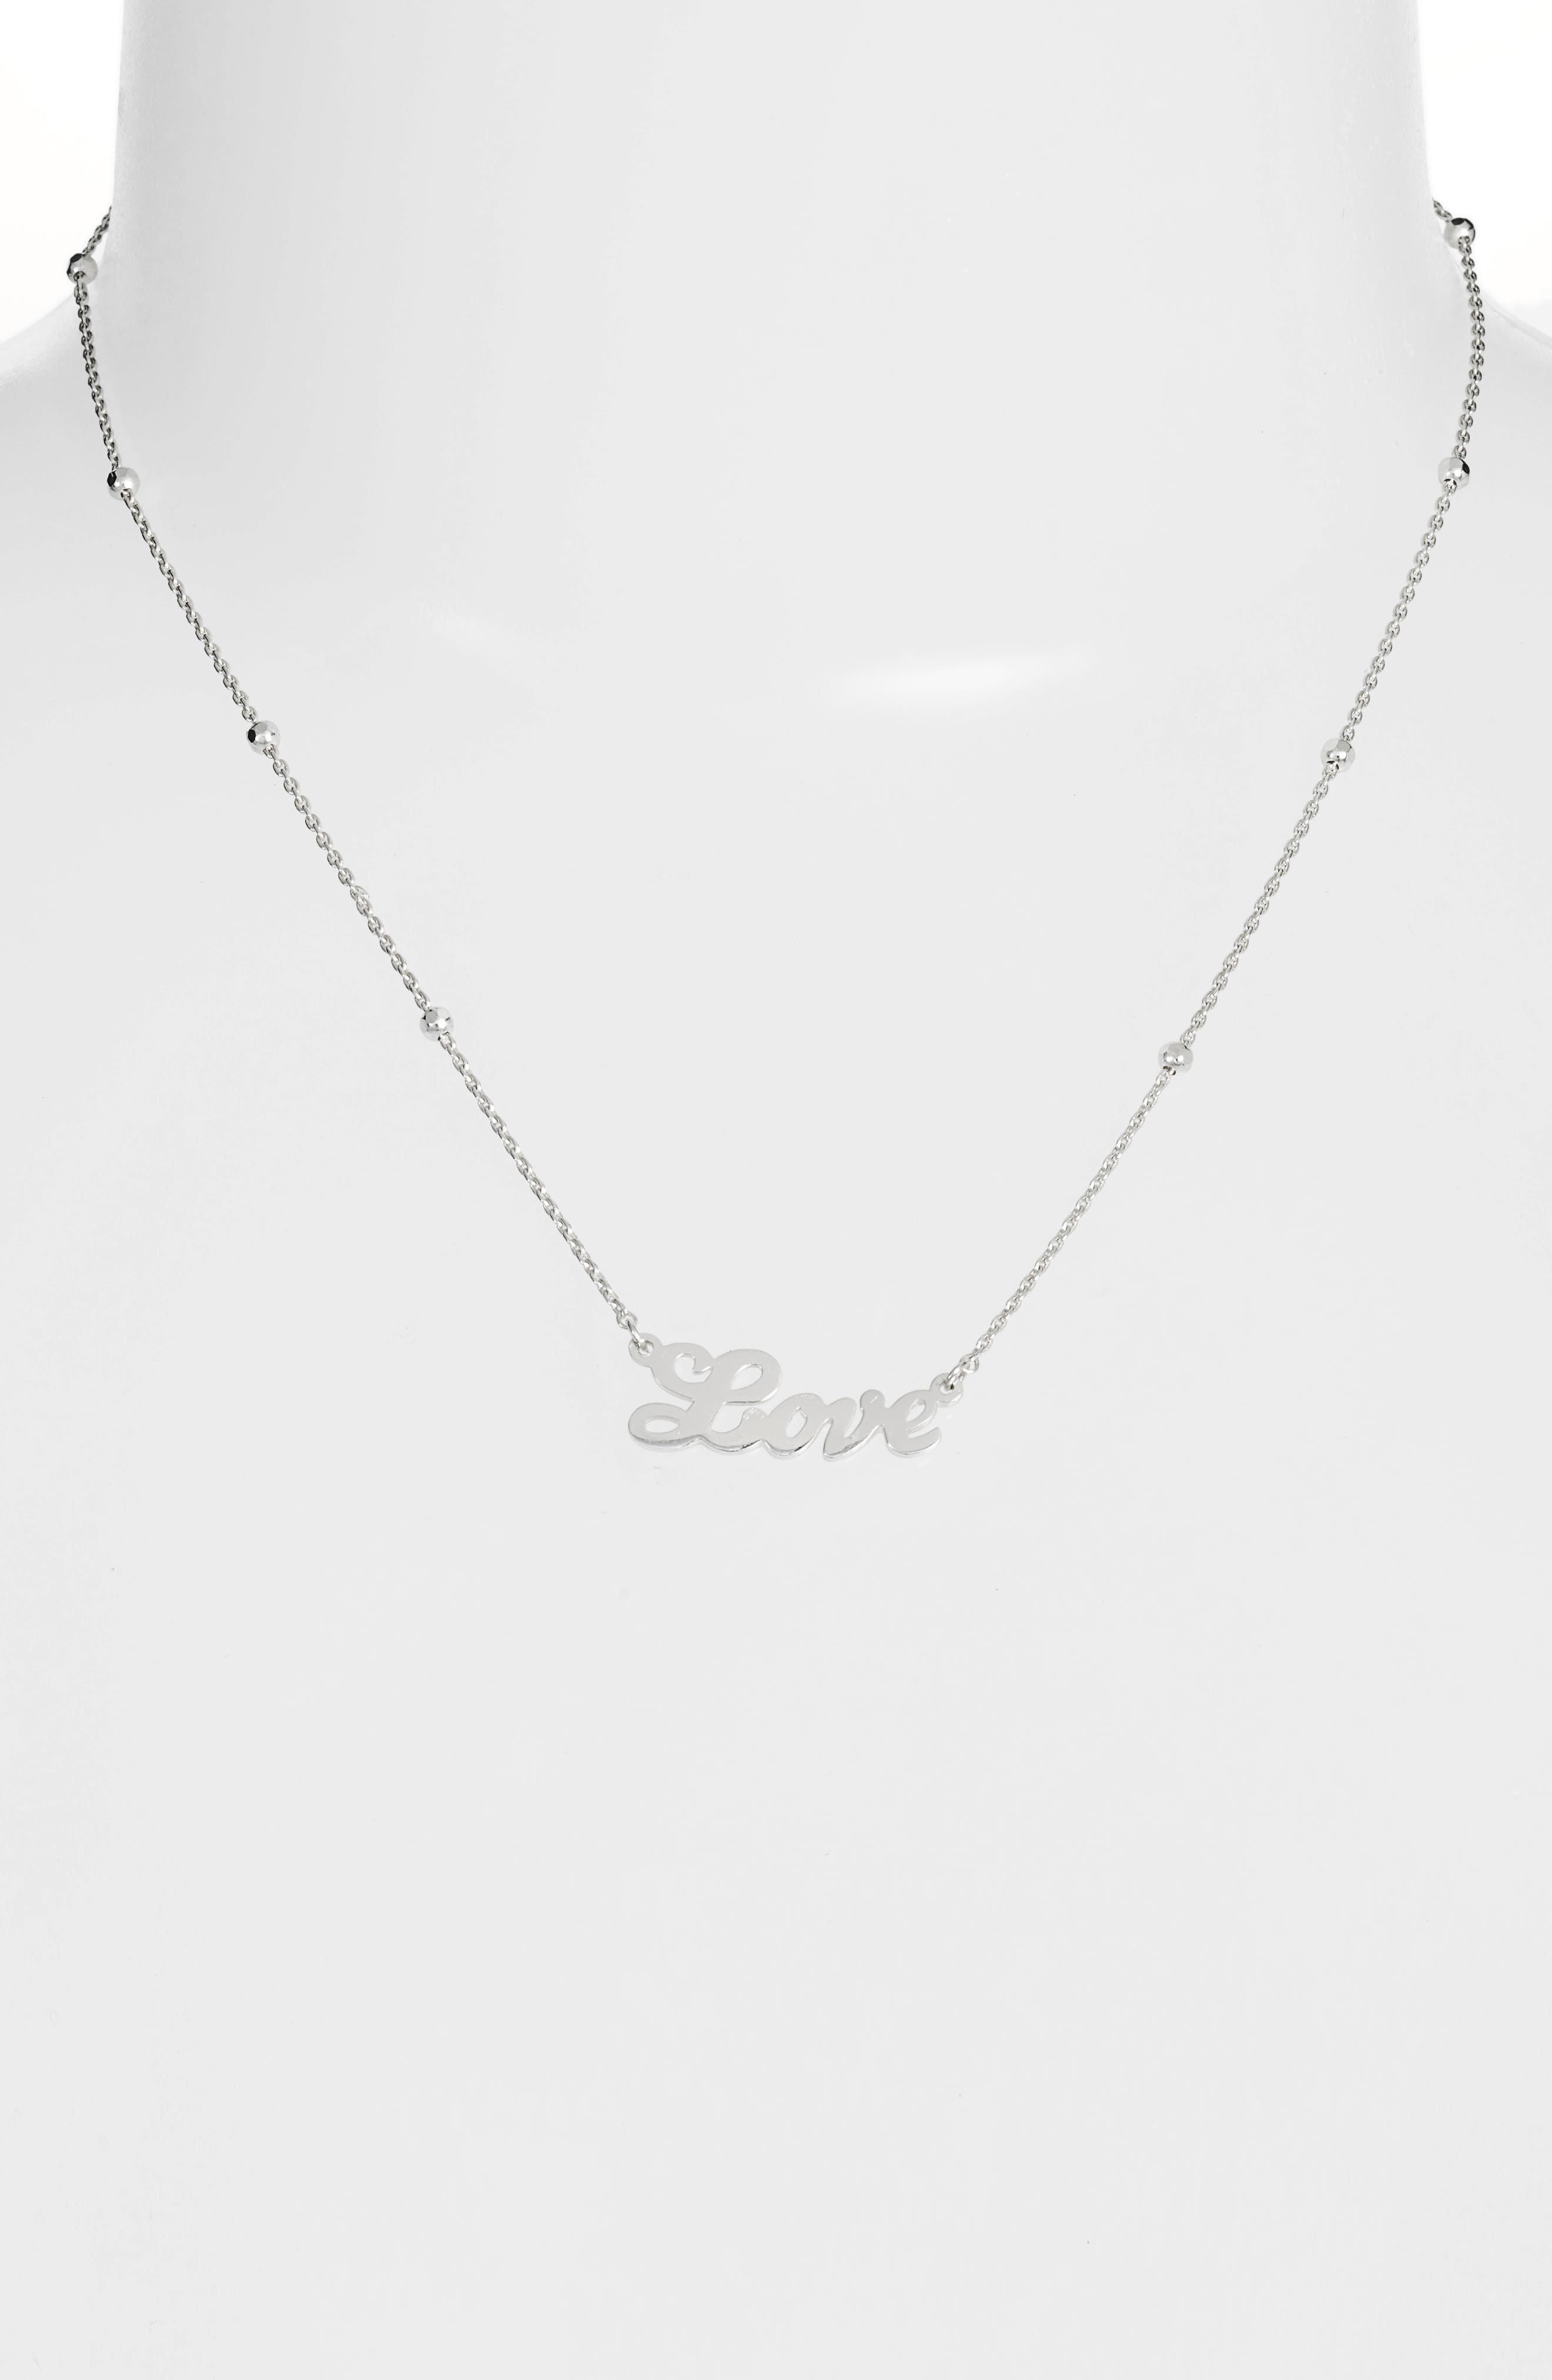 Love Pendant Necklace,                             Alternate thumbnail 2, color,                             040